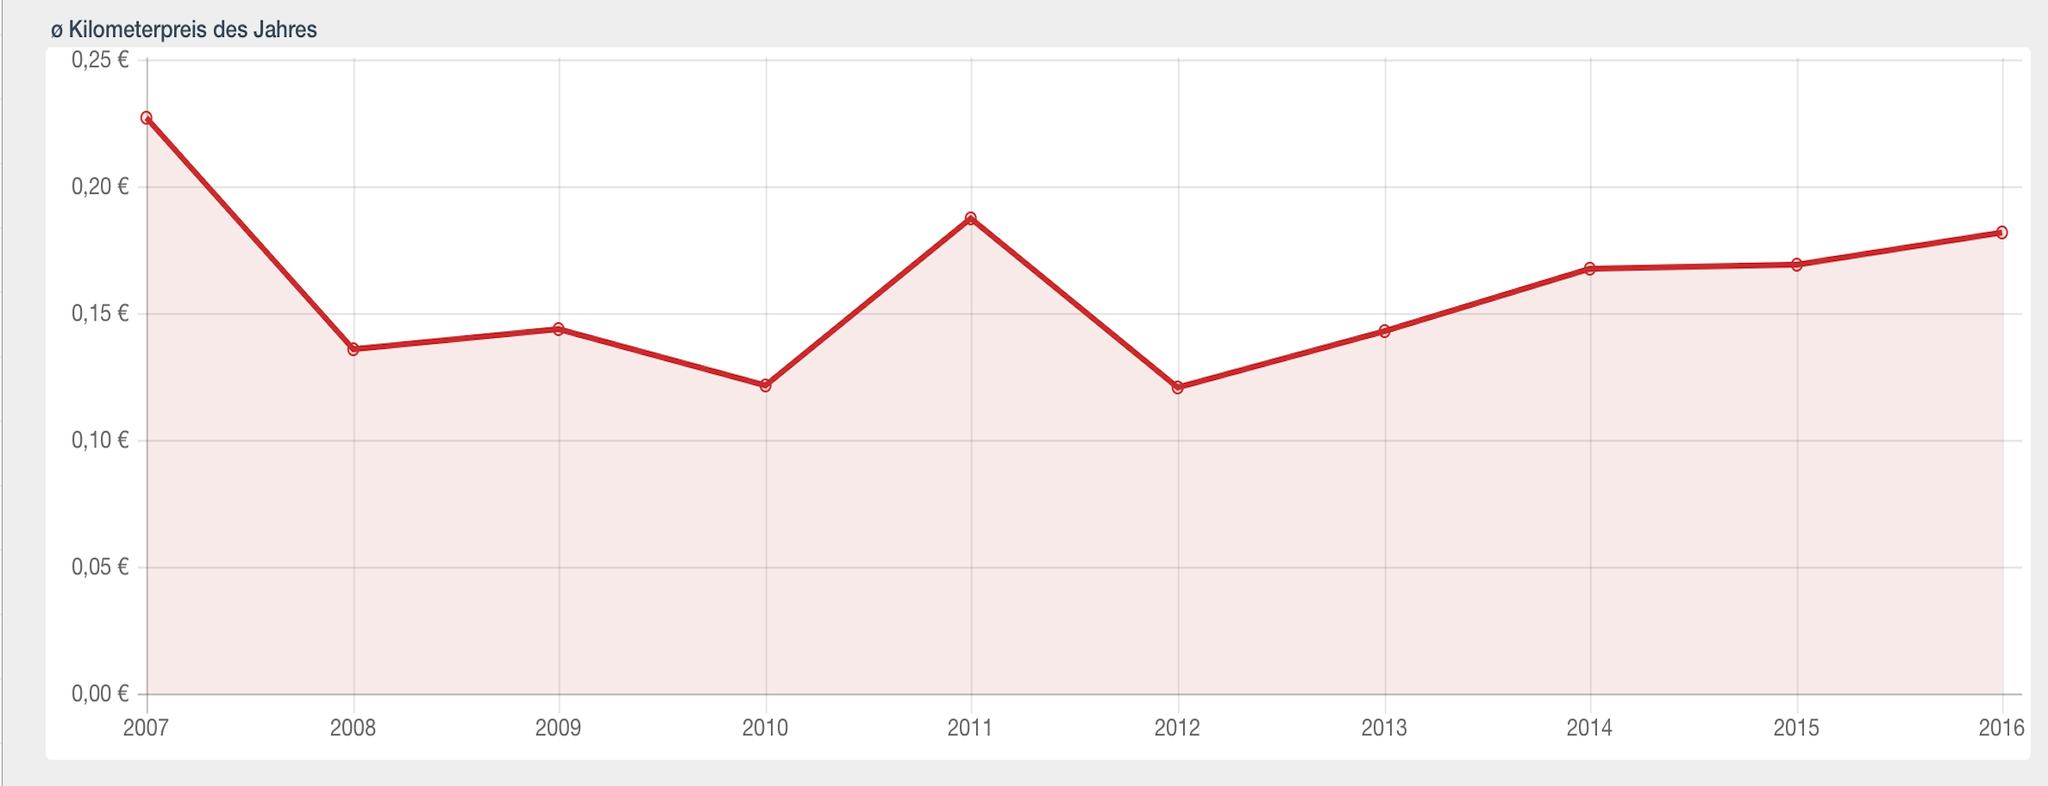 Der durchschnittliche Kilometerpreis des Jahres im Verlauf aller Jahre.